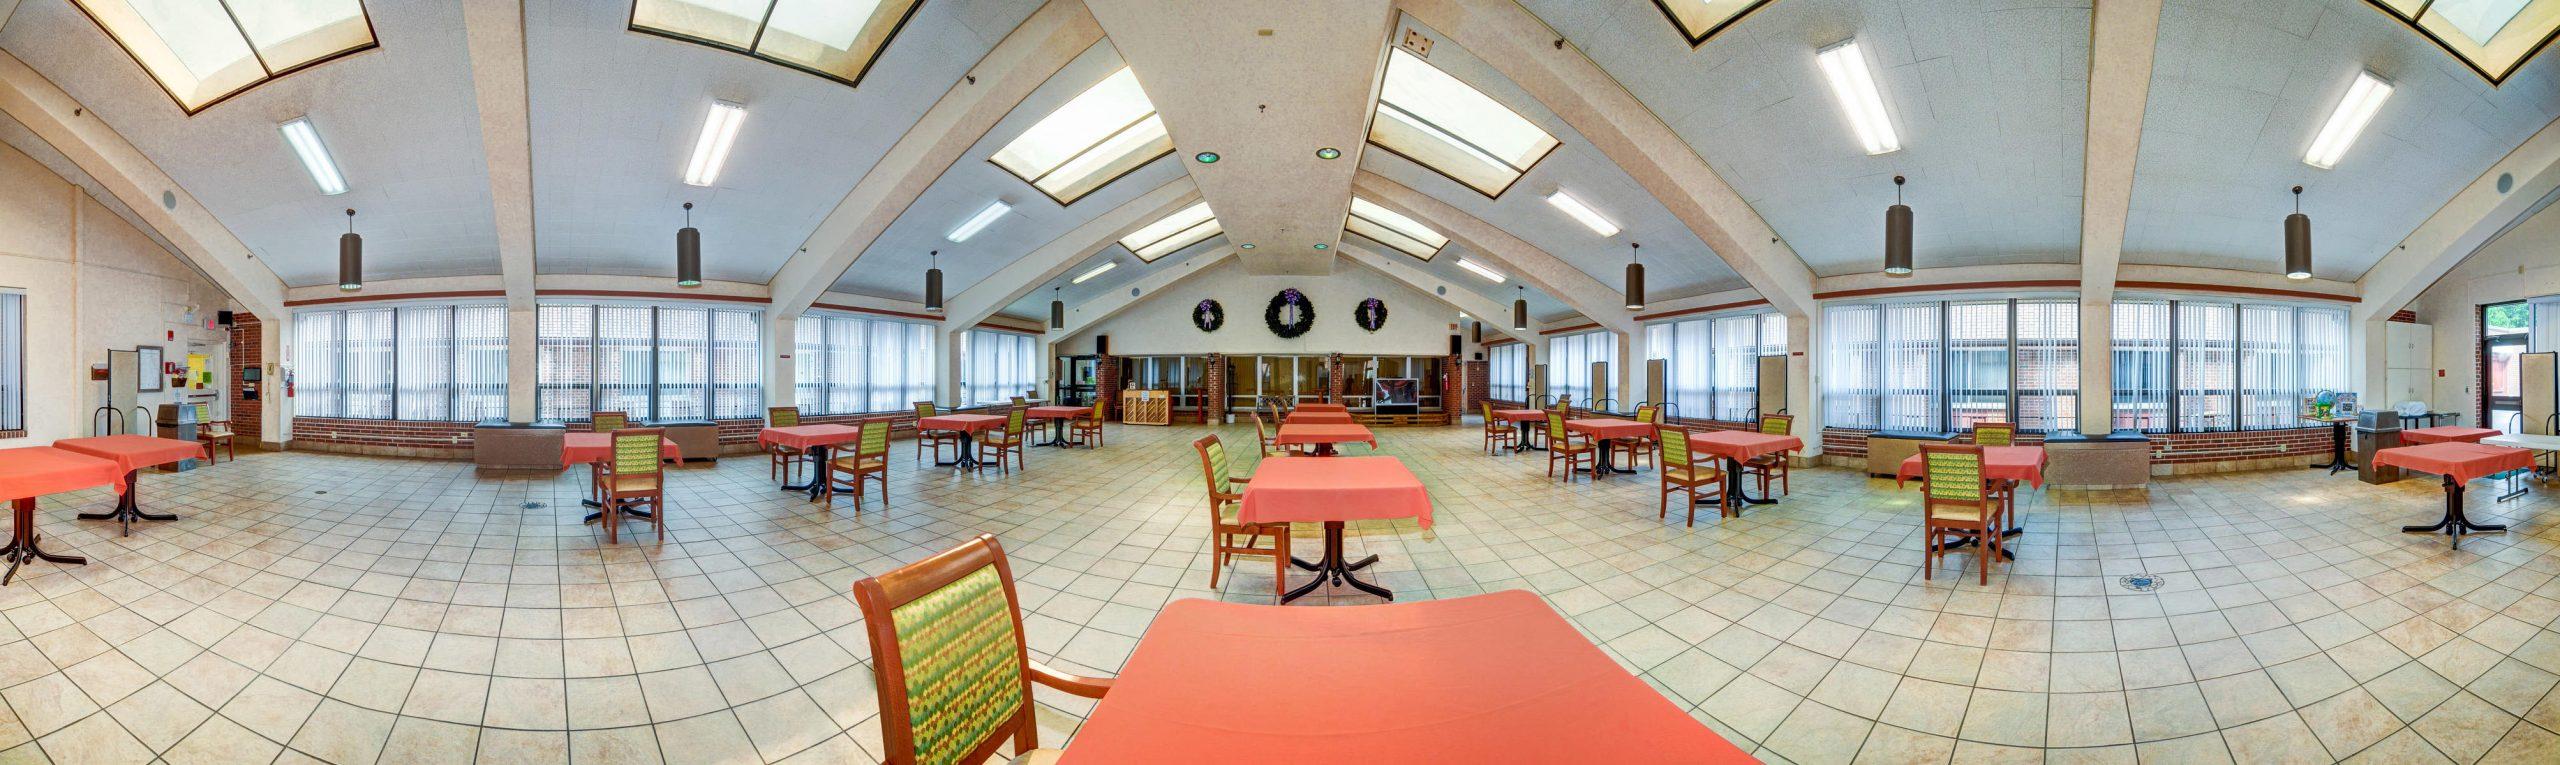 Panoramic view of Stonerise Princeton dining room